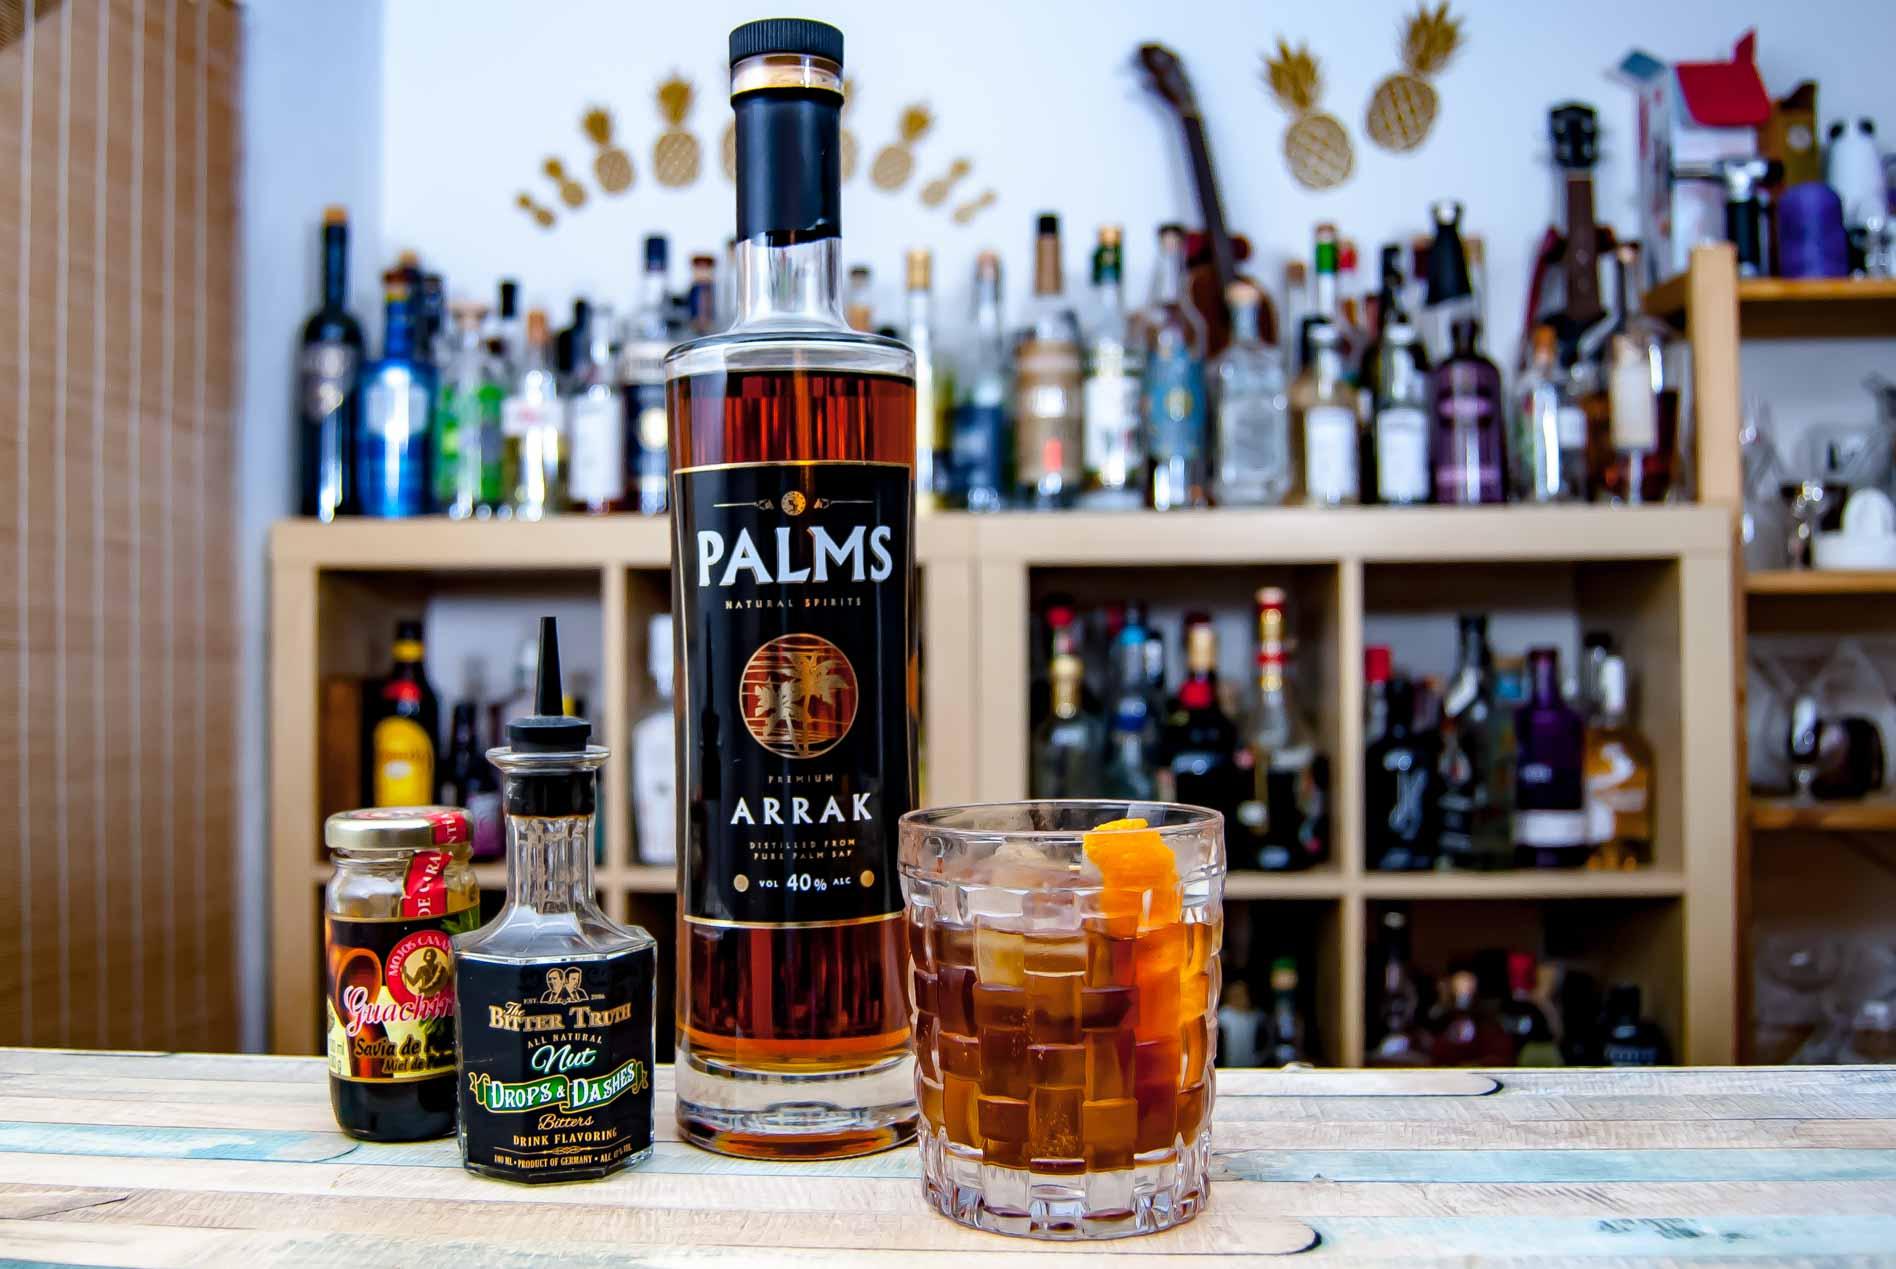 Palms Arrak im Old Fashioned mit Nuss-Bitters und Palmzucker.